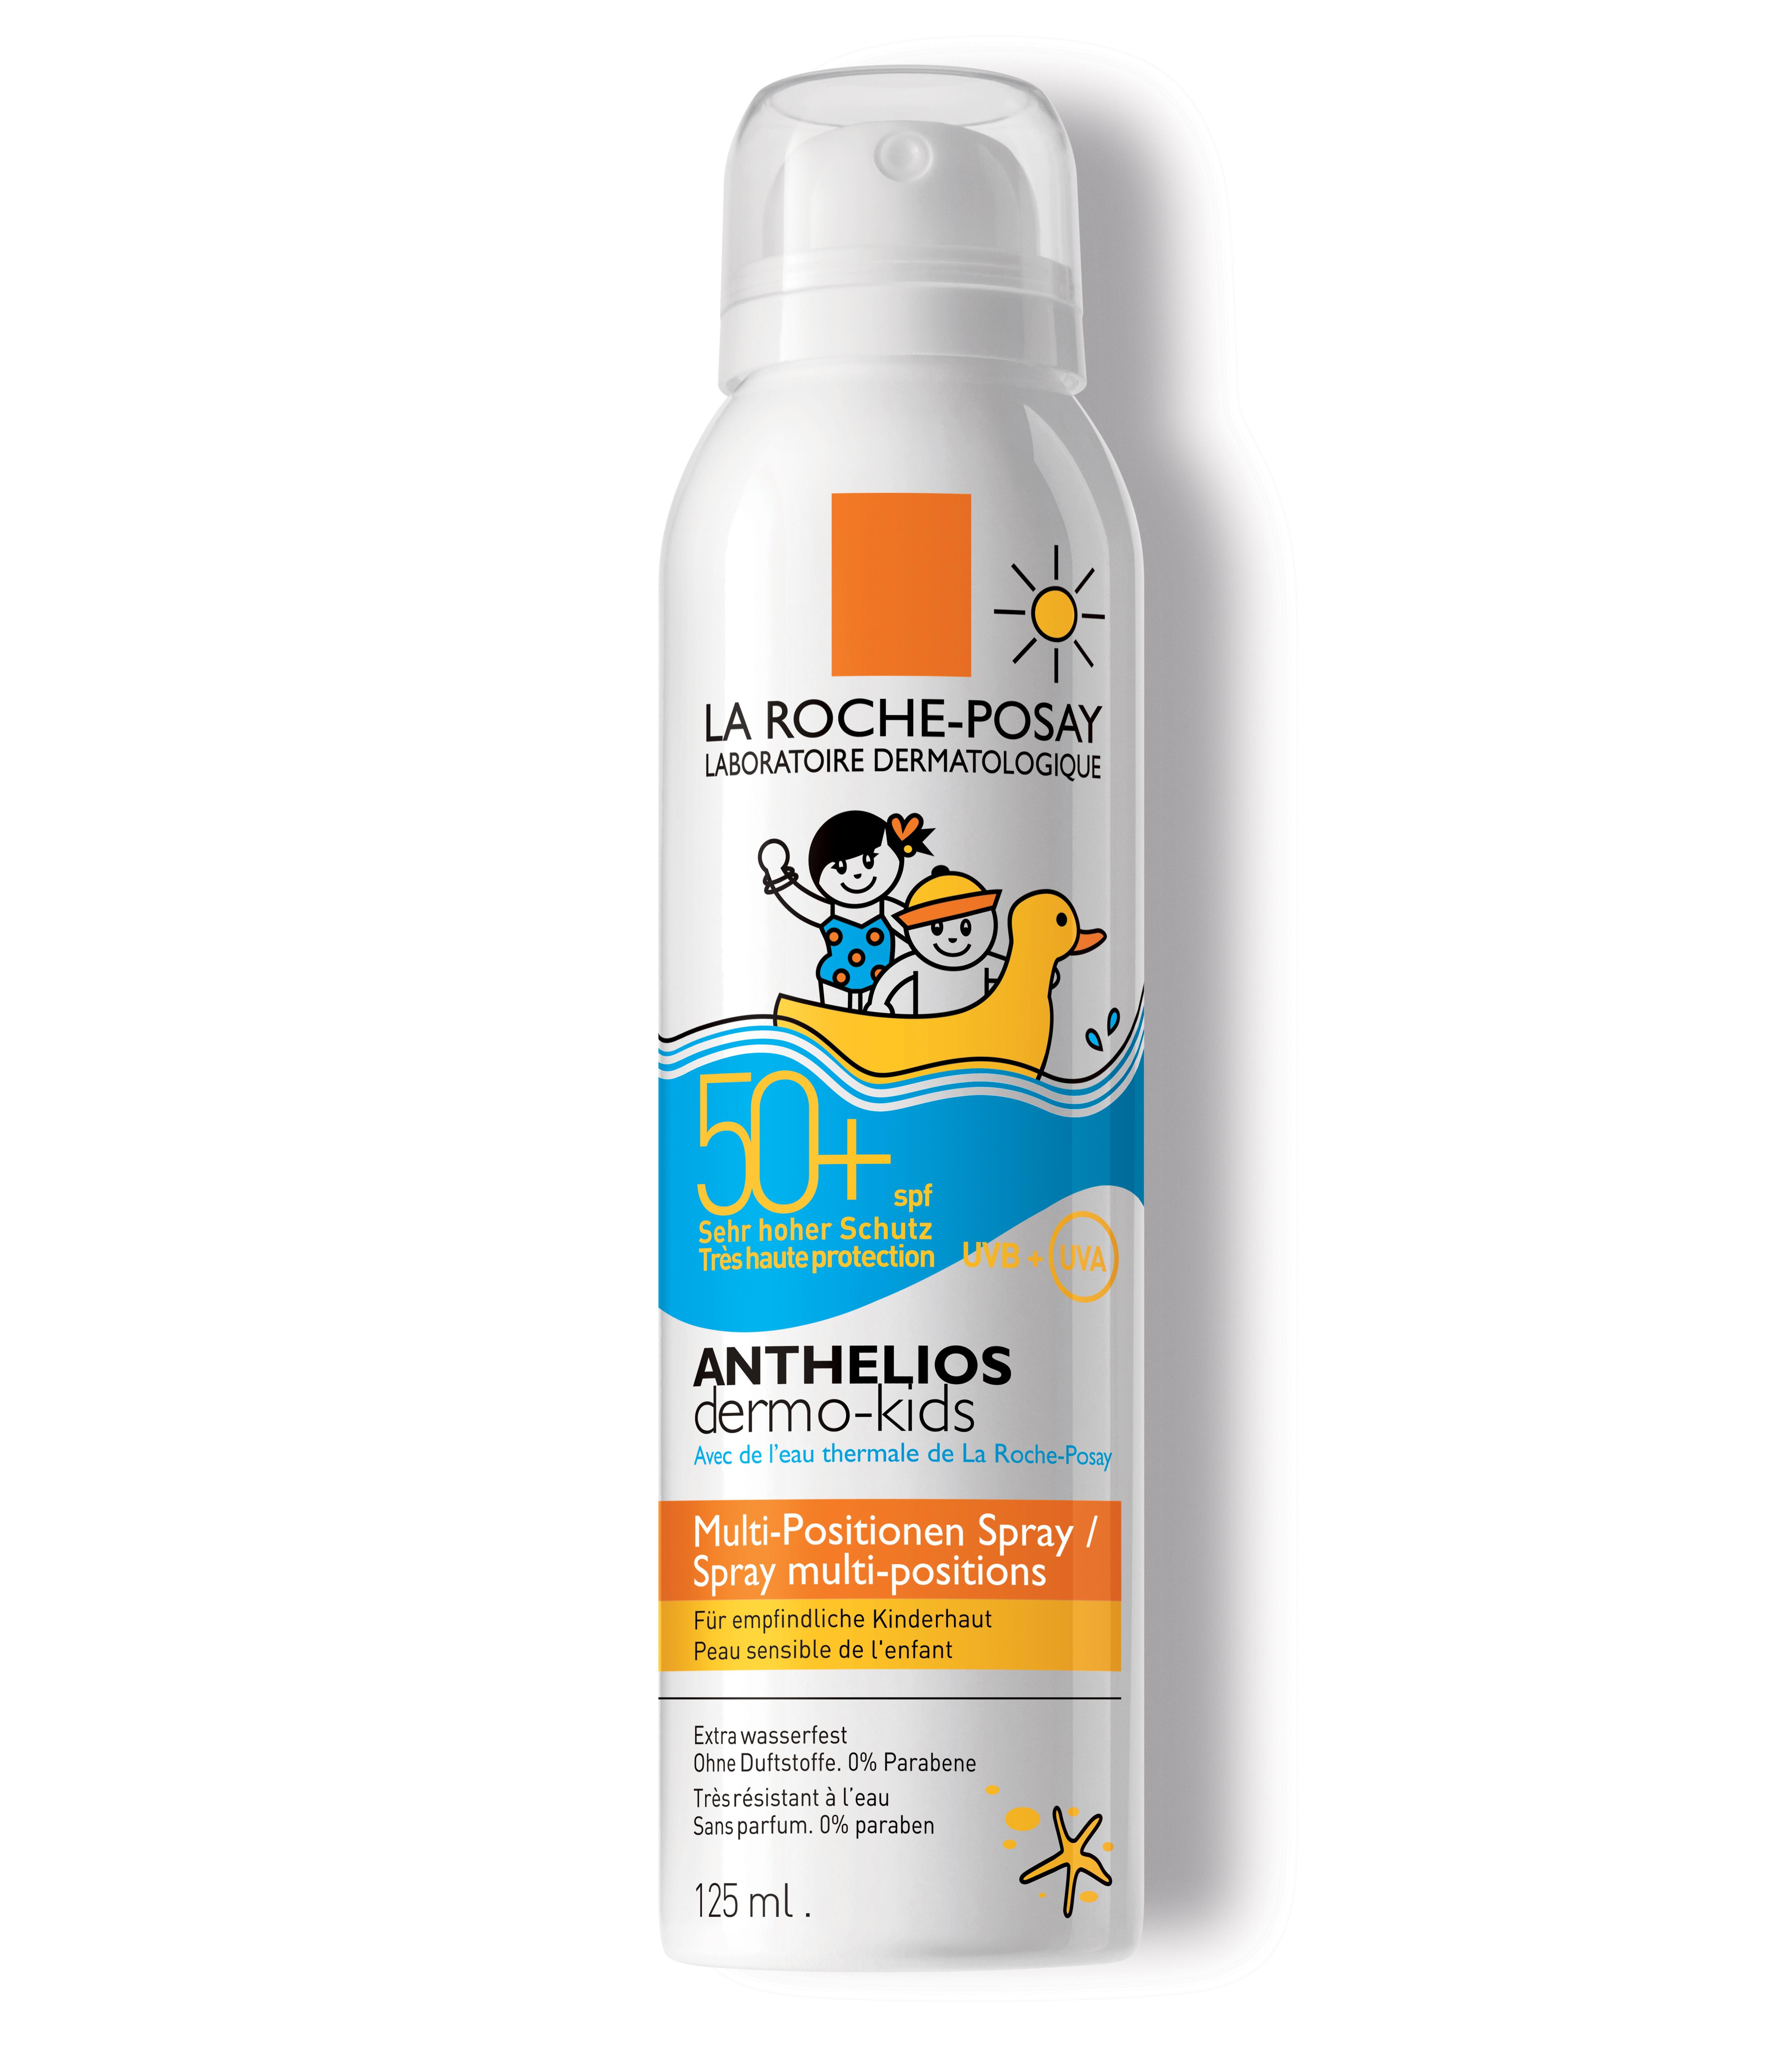 LRP ANTHELIOS KIDS Aerosol SPF50+ 125ml Termalna voda La Roche Posay: Zaštitite decu od ranog detinjstva